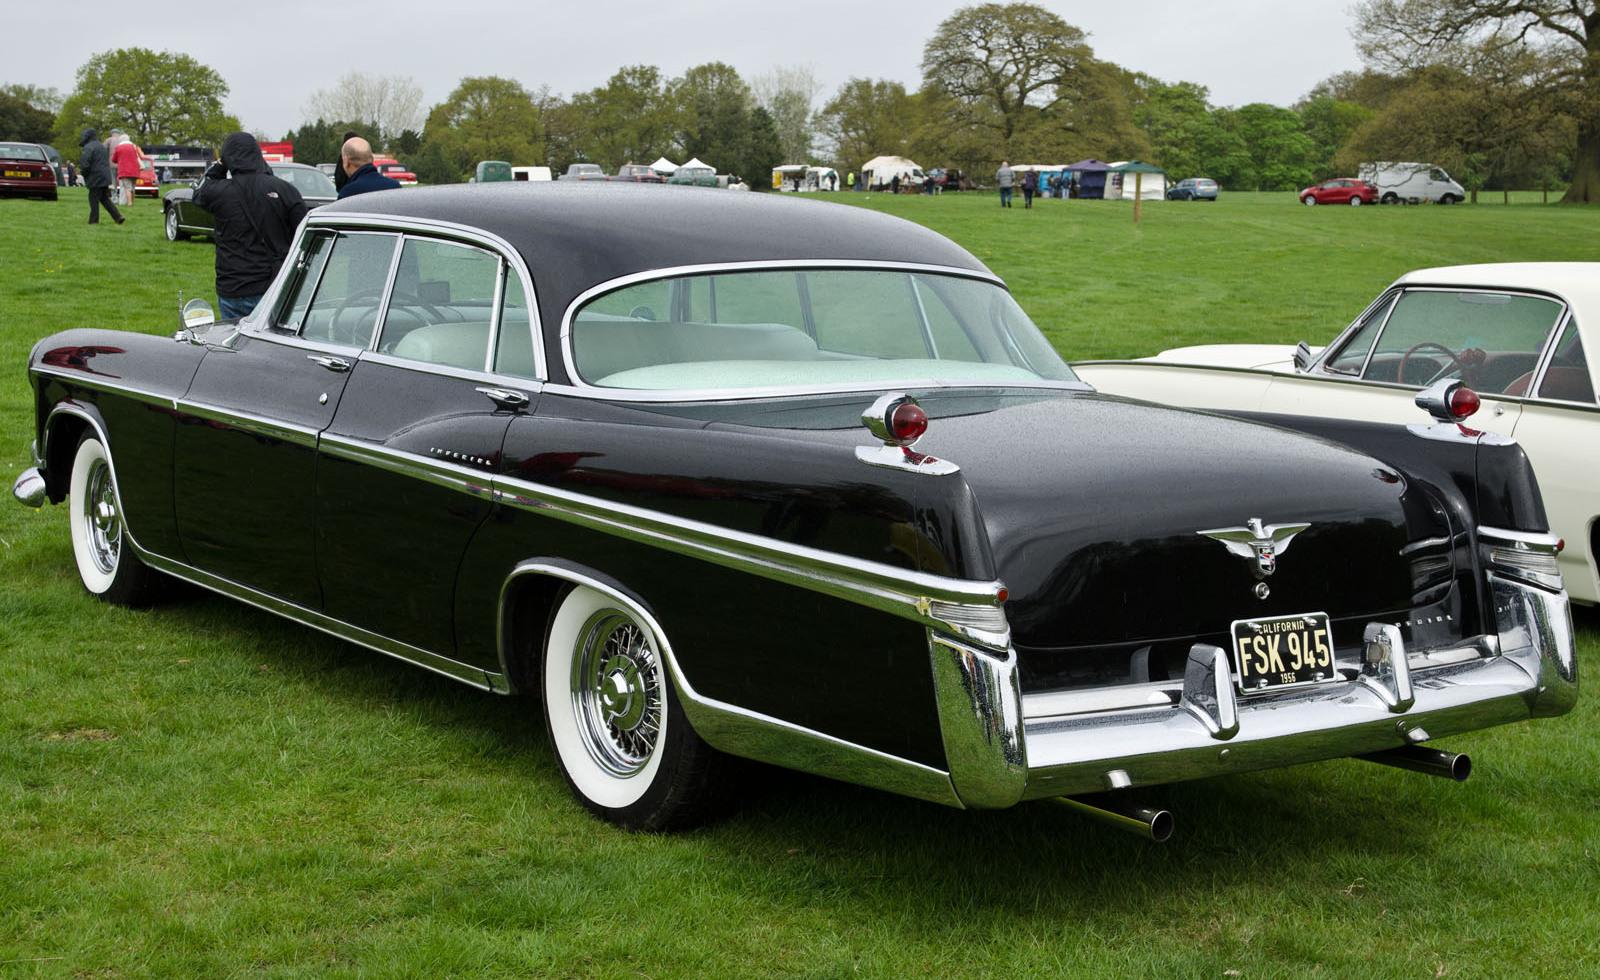 FileChrysler Imperial 4-door Sedan (1955) - 8904871295.jpg & File:Chrysler Imperial 4-door Sedan (1955) - 8904871295.jpg - Wikipedia